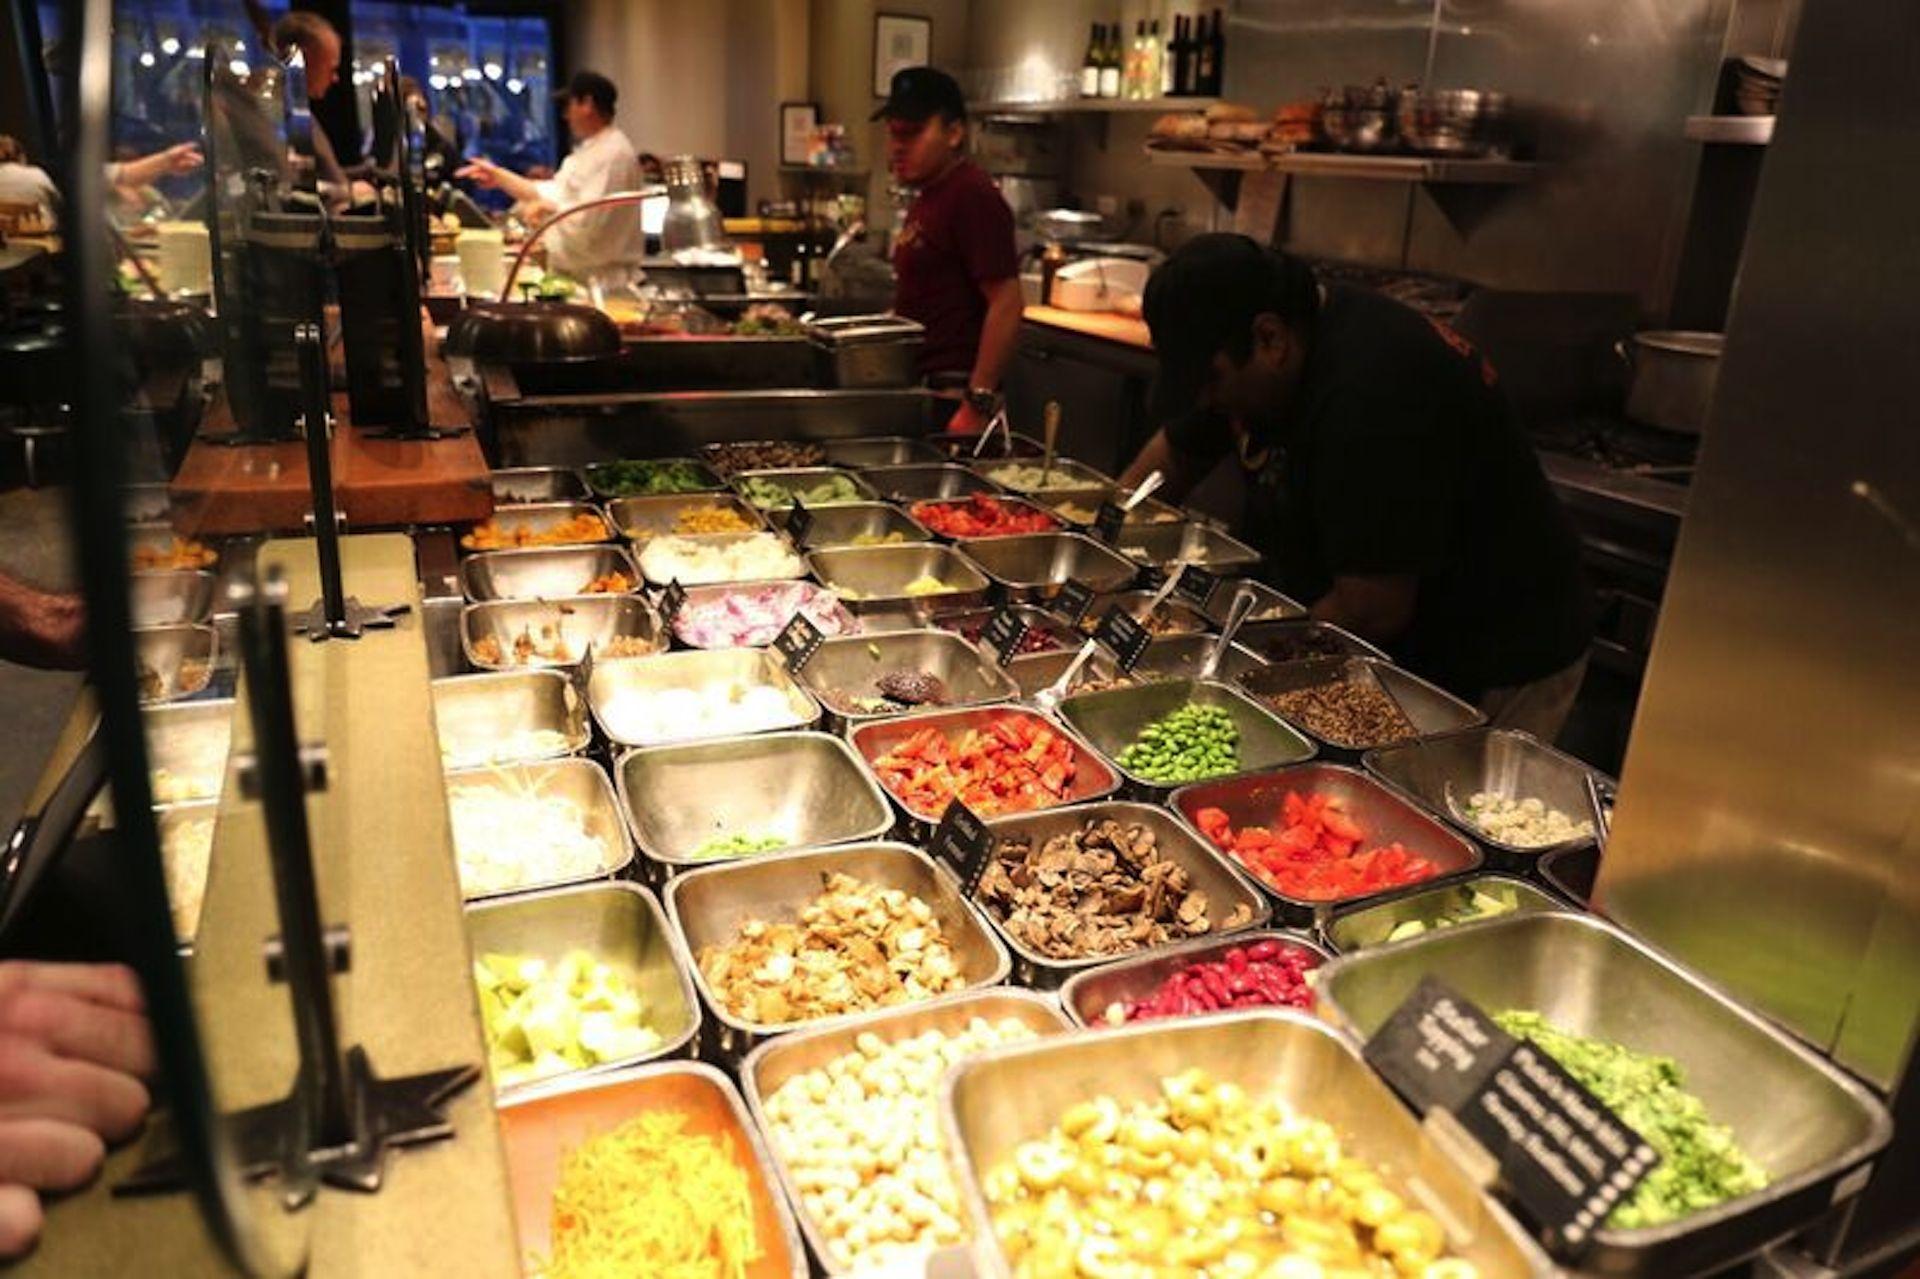 The salad bar at Pluto's